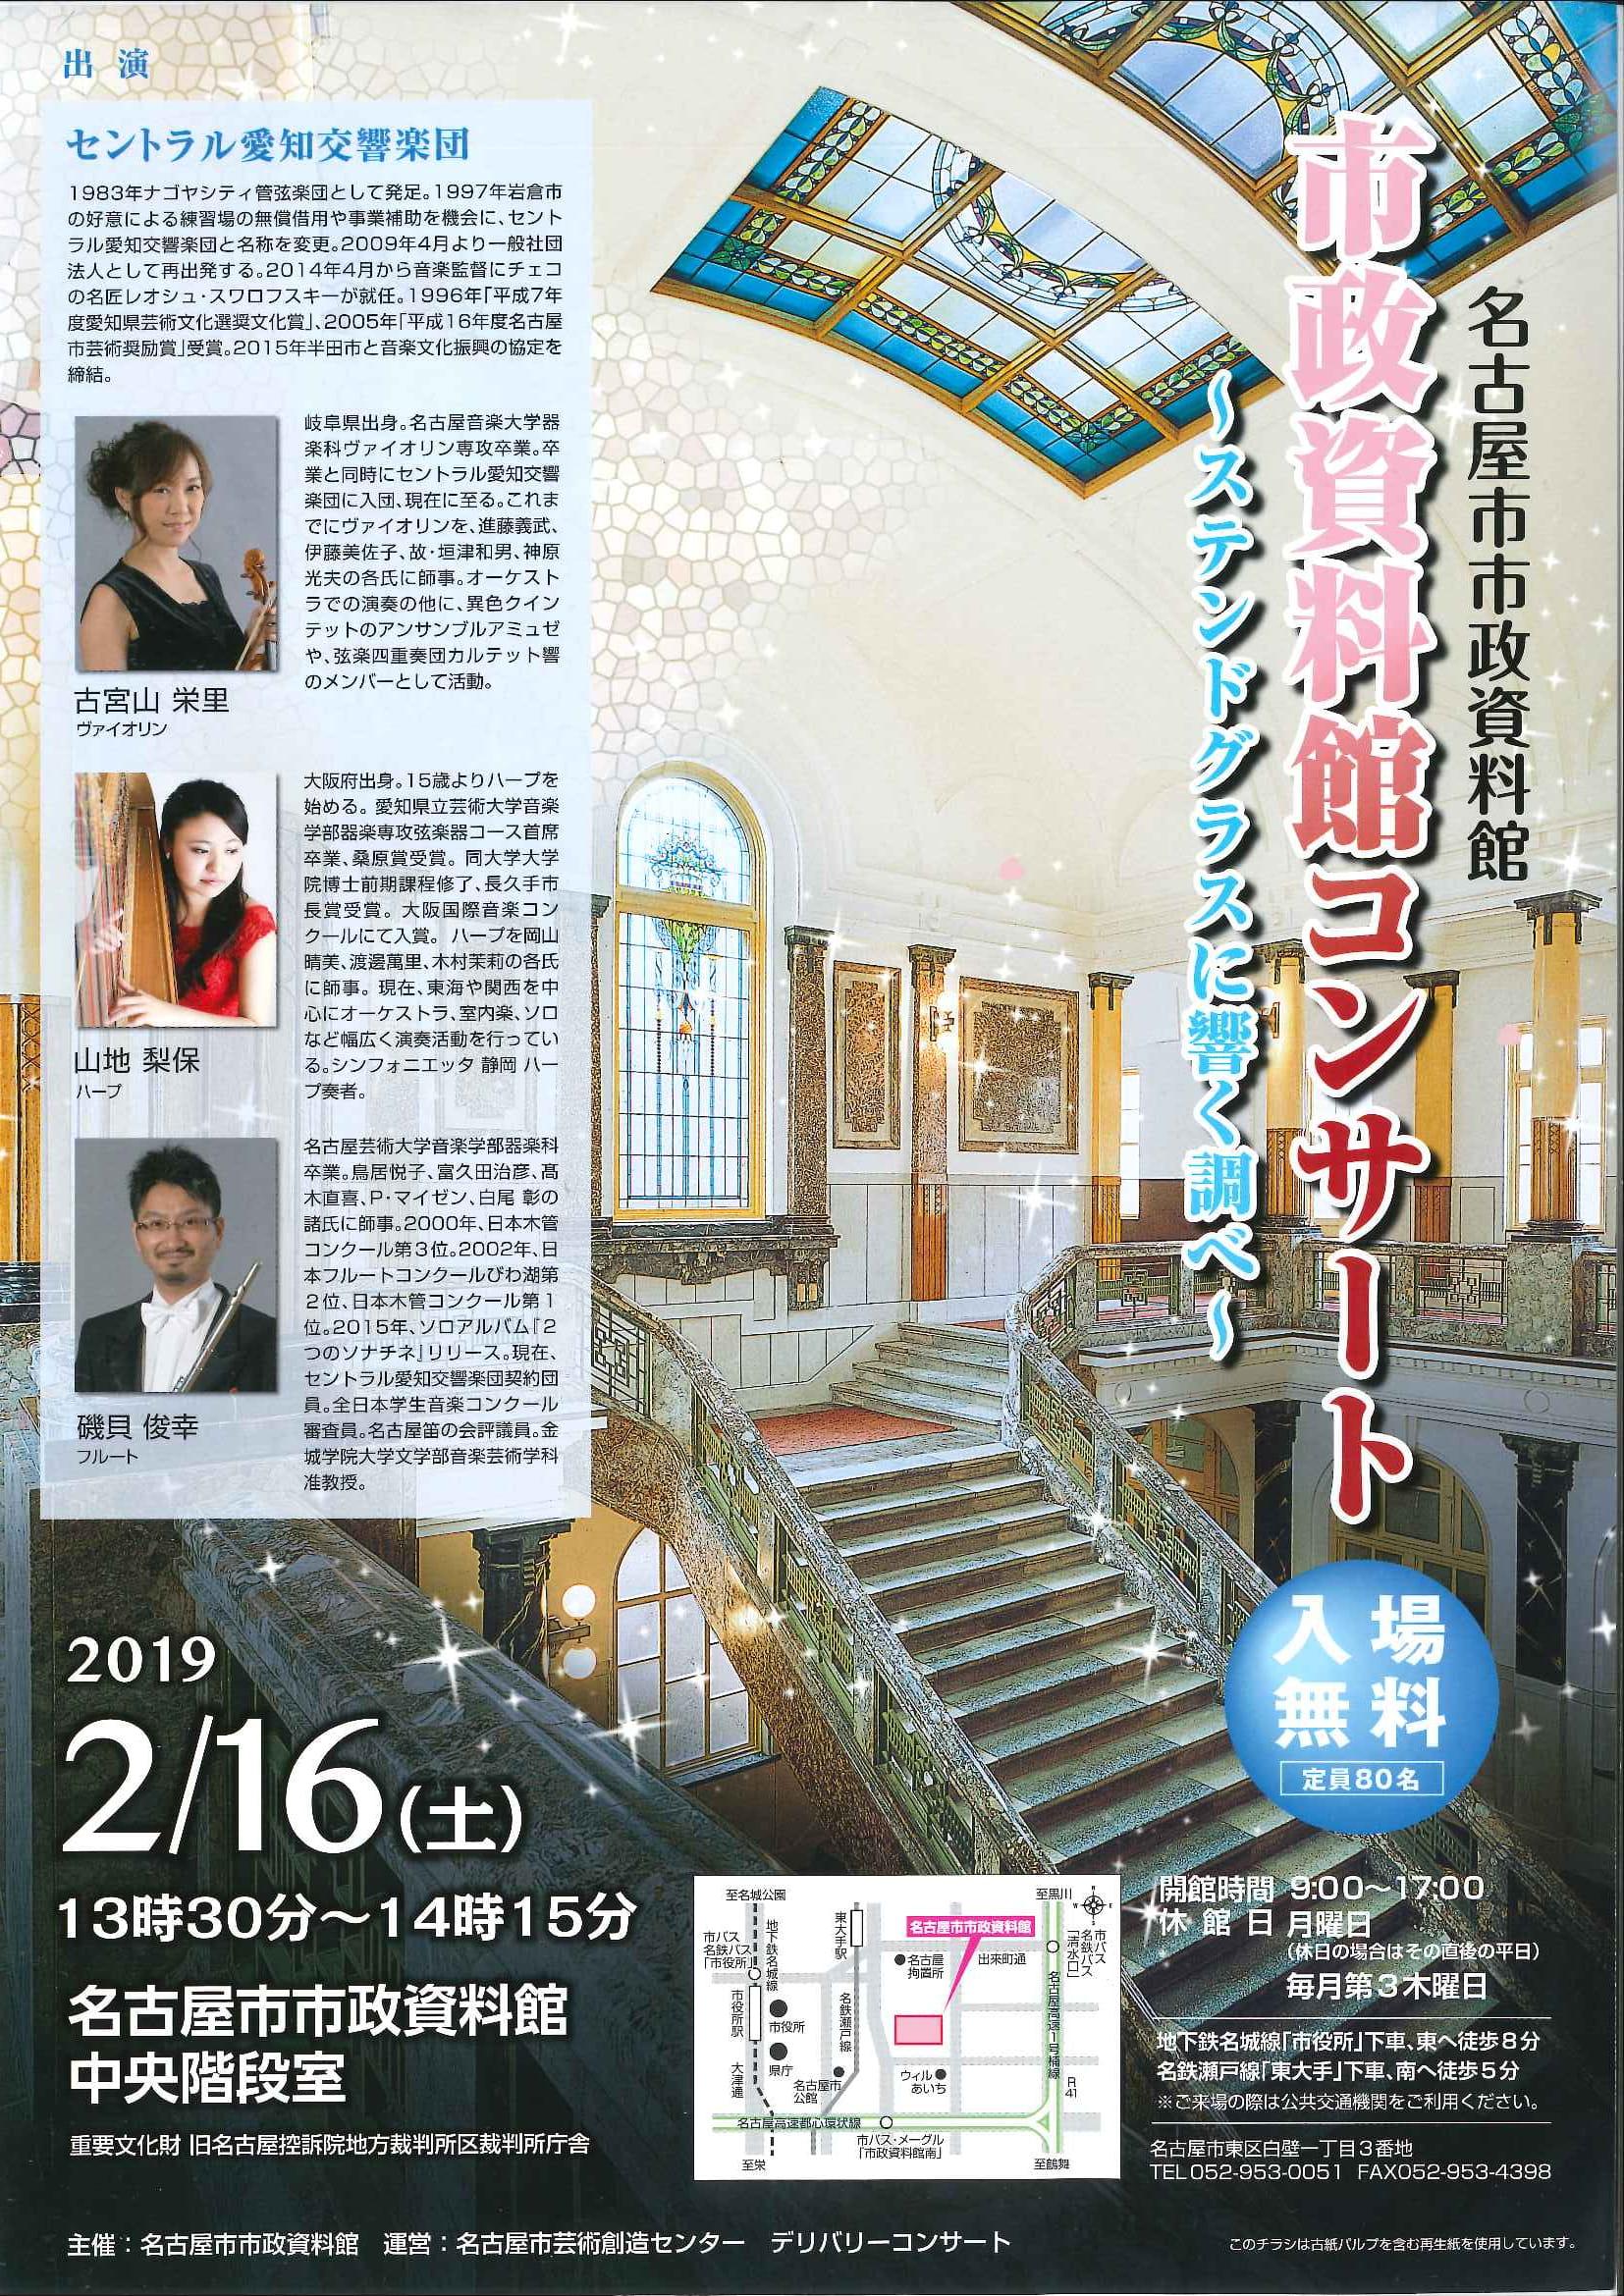 名古屋市市政資料館コンサート ~ステンドグラスに響く調べ~